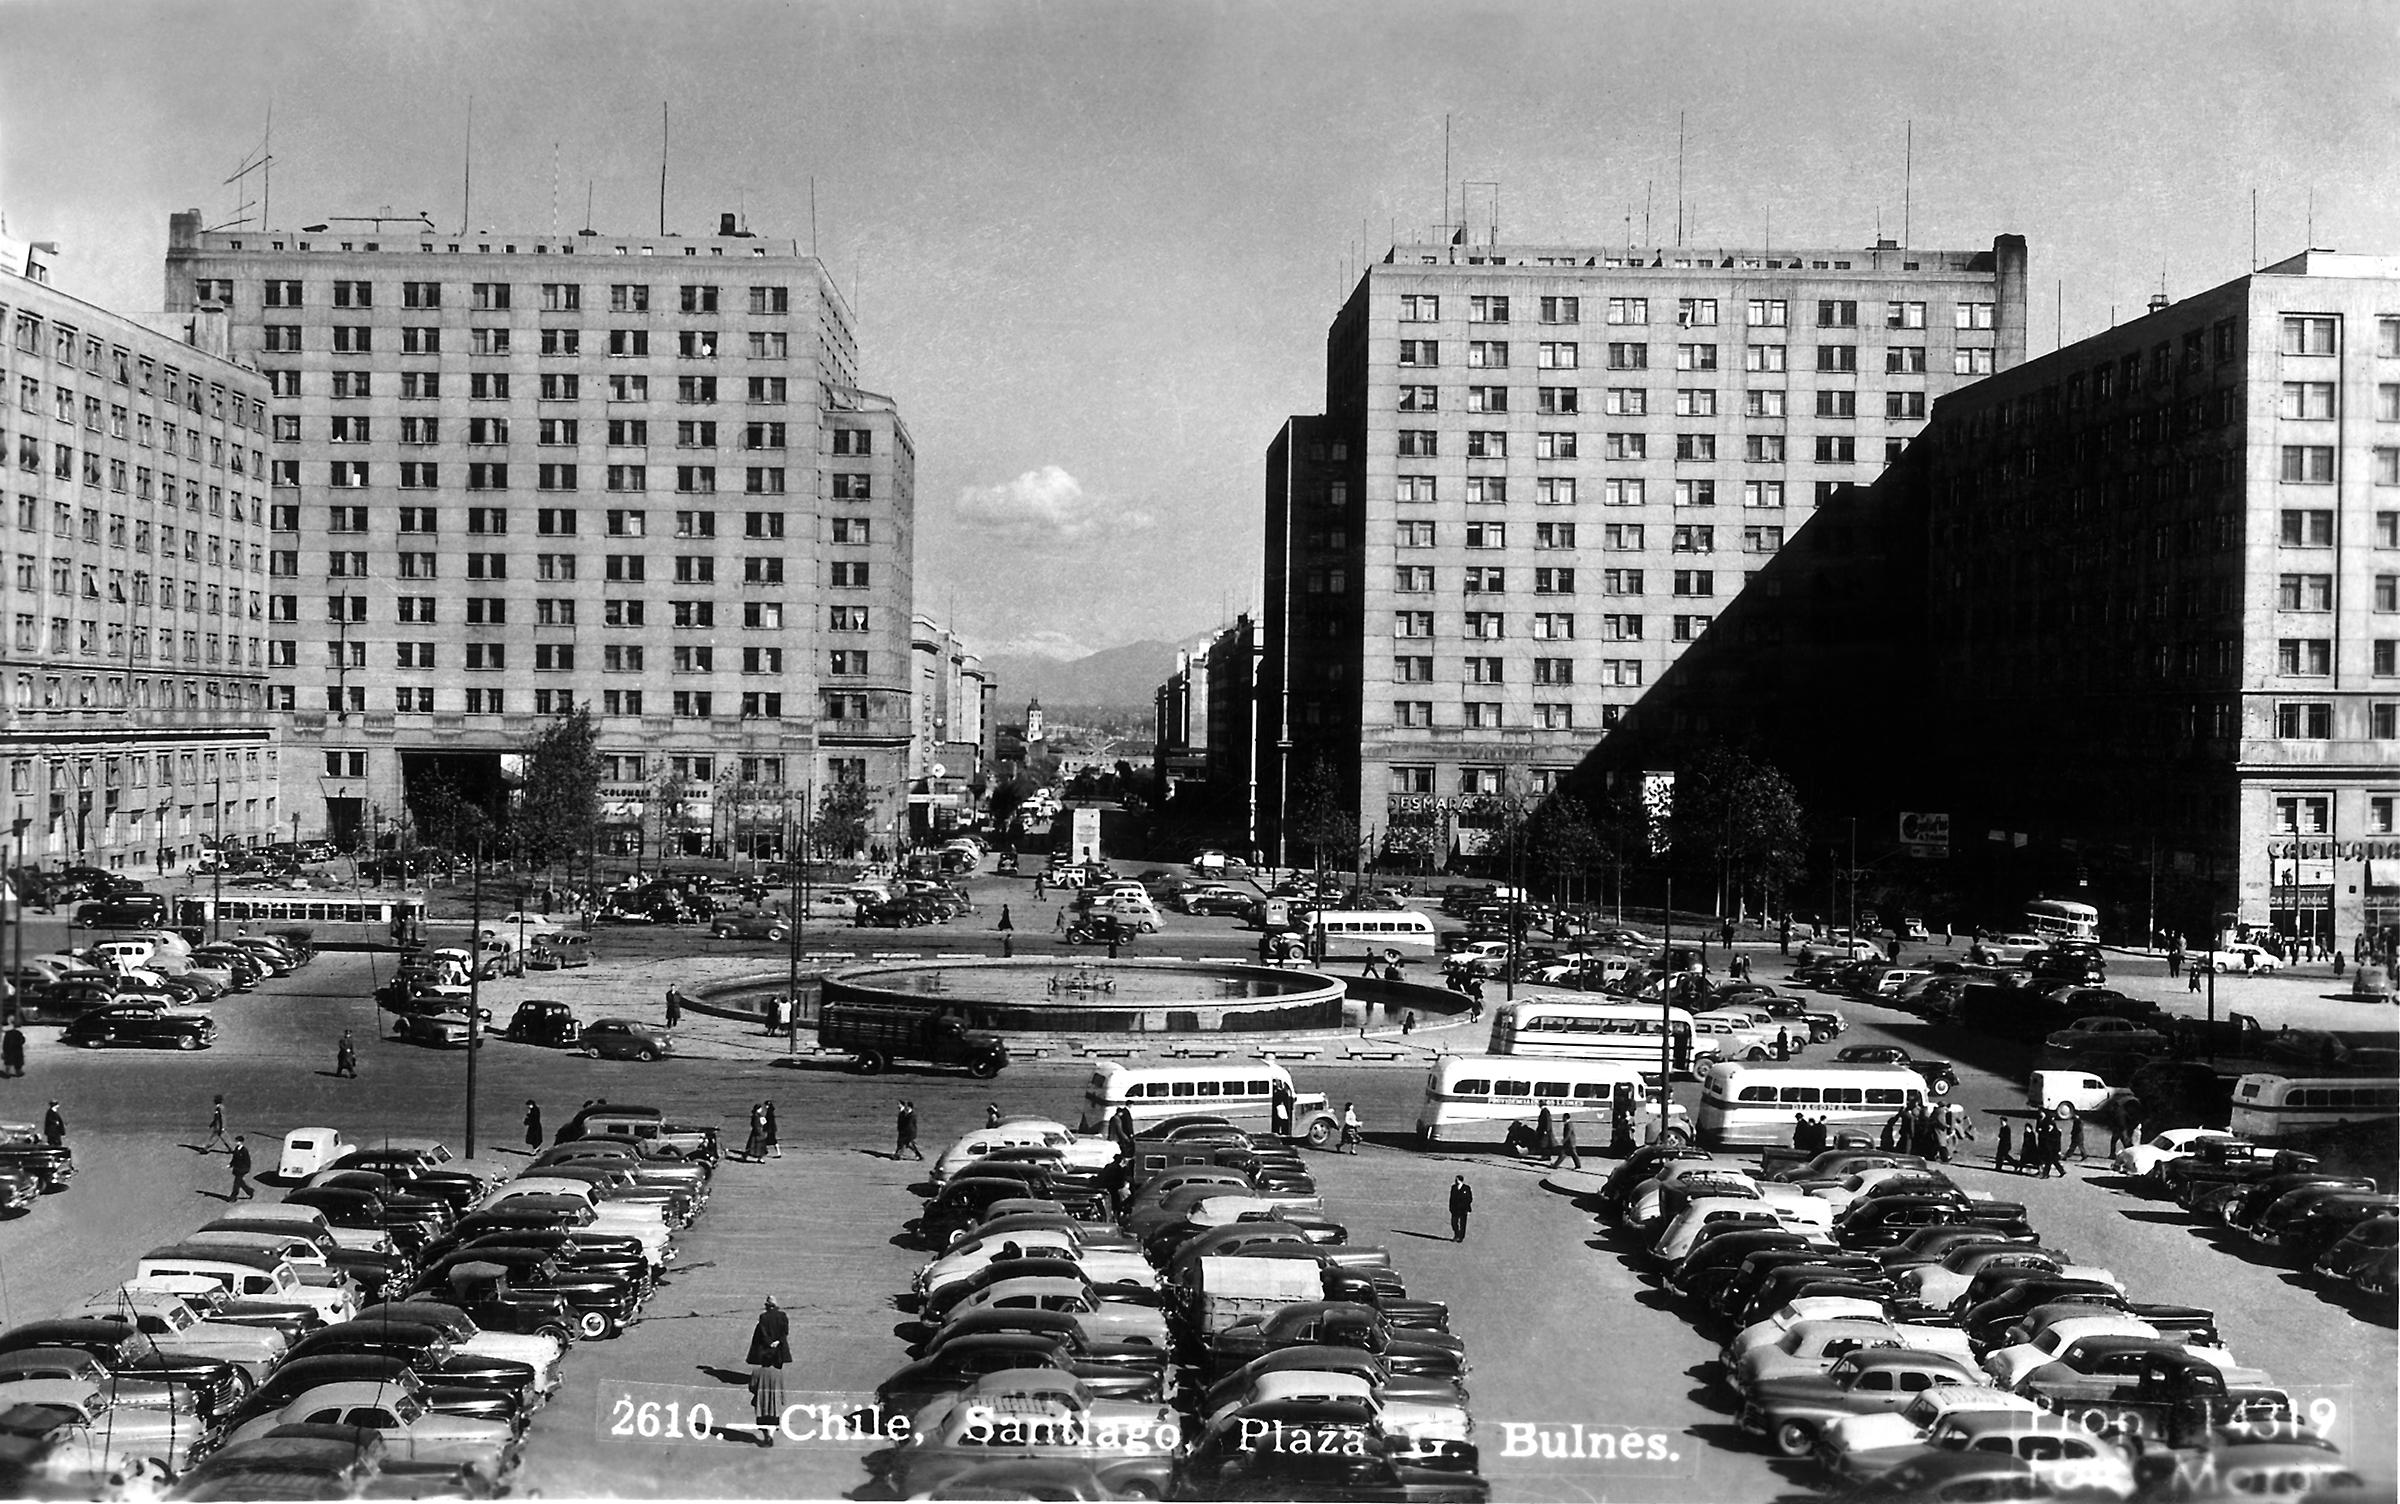 Enterreno - Fotos históricas de chile - fotos antiguas de Chile - Plaza Bulnes en Santiago, 1950